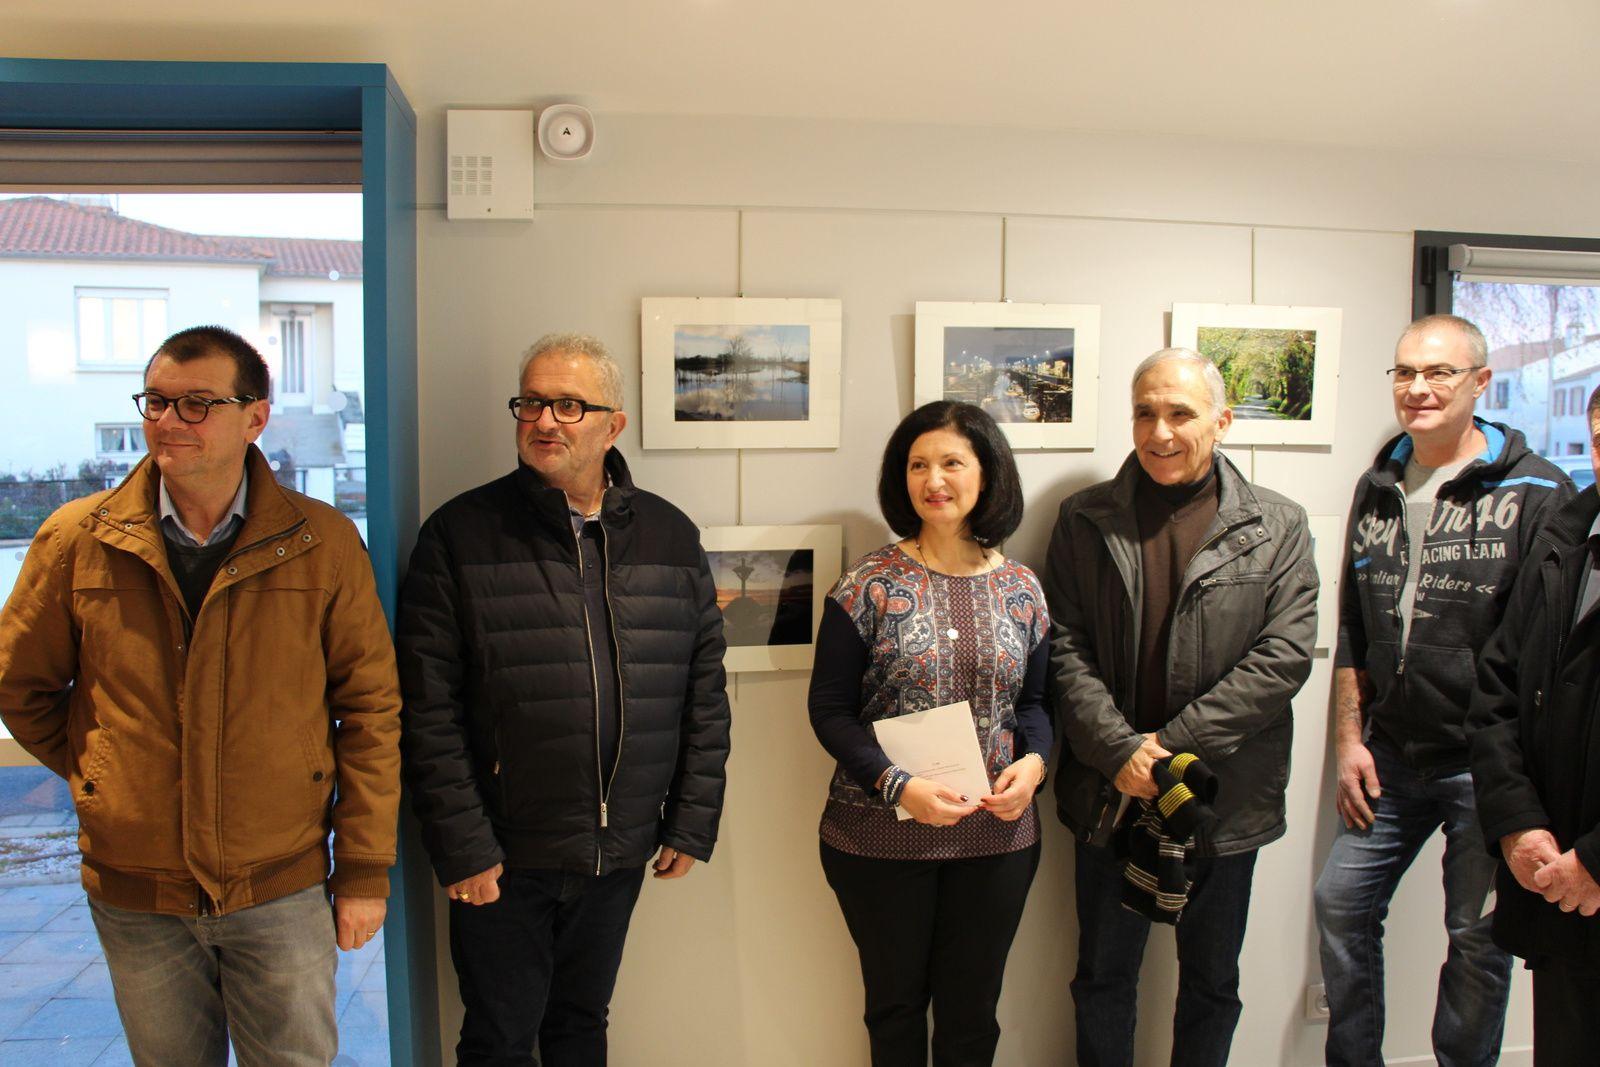 Autour d'eMmA MessanA (Marie-Angèle Arjol Condé) : les officiels, Didier Buton (maire de Saint-Urbain), Robert Guérineau (Président de la CdC), et les deux autres gagnants Stéphane Lecourtois et Patrice Baldau.